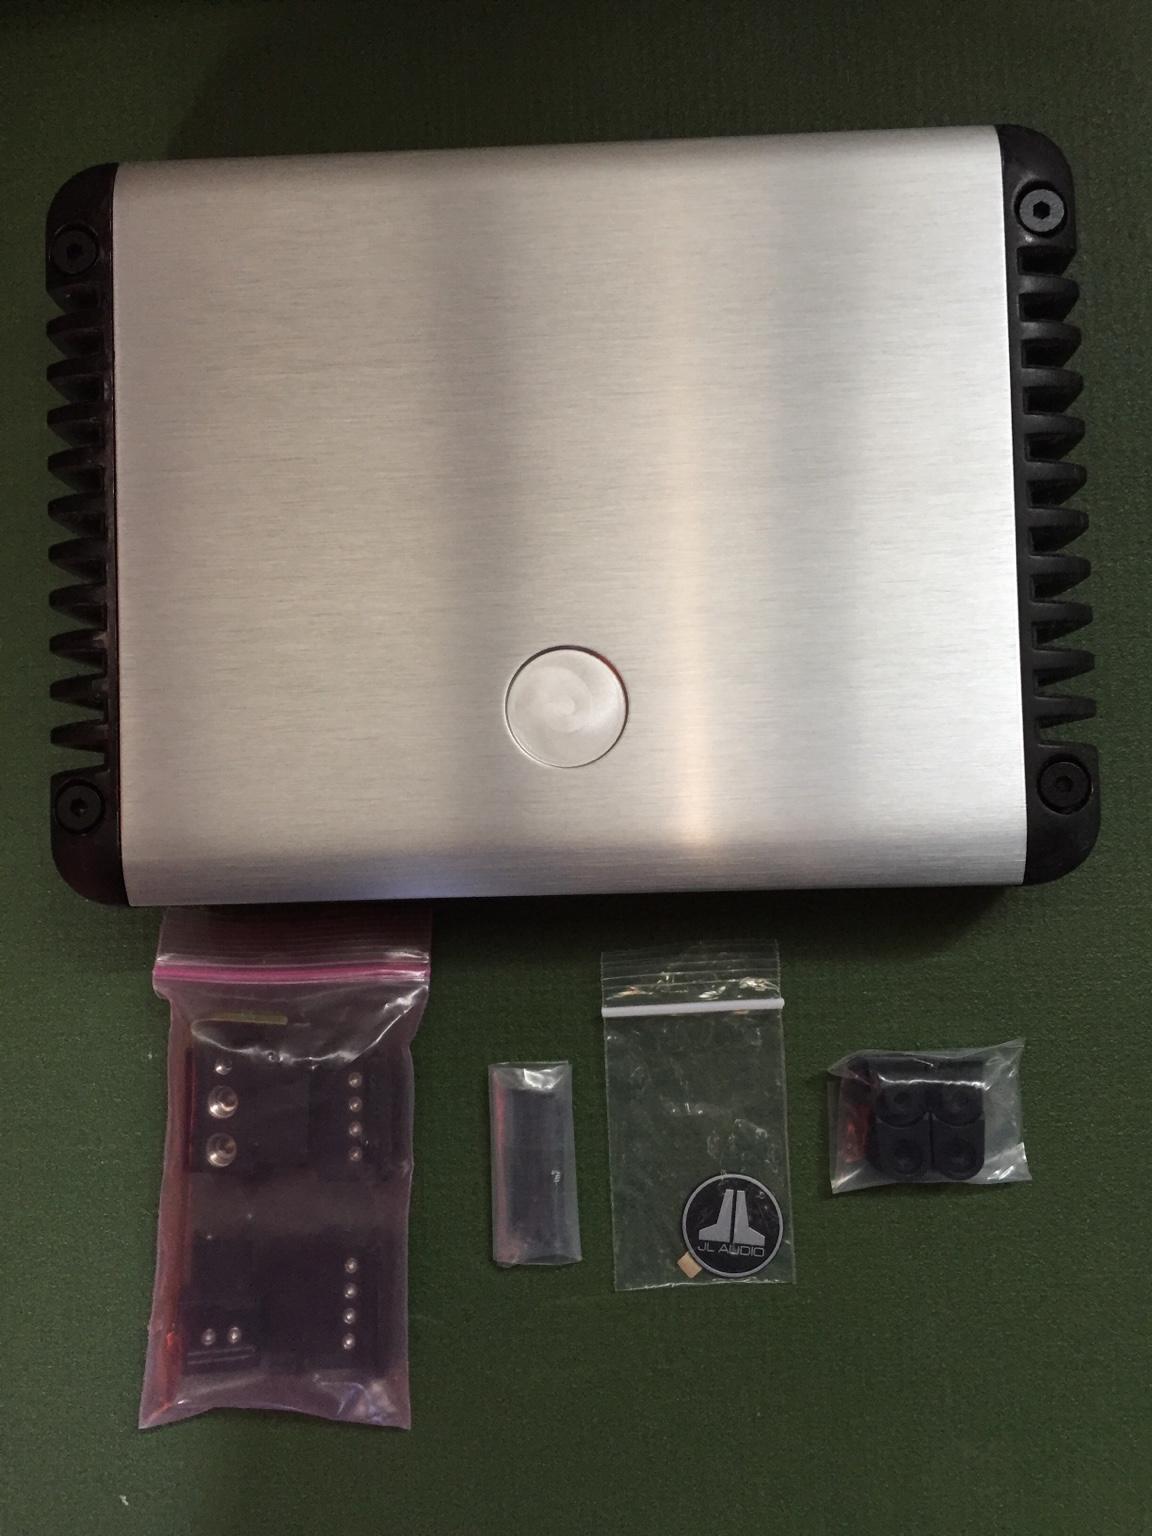 Hd900 5 manual